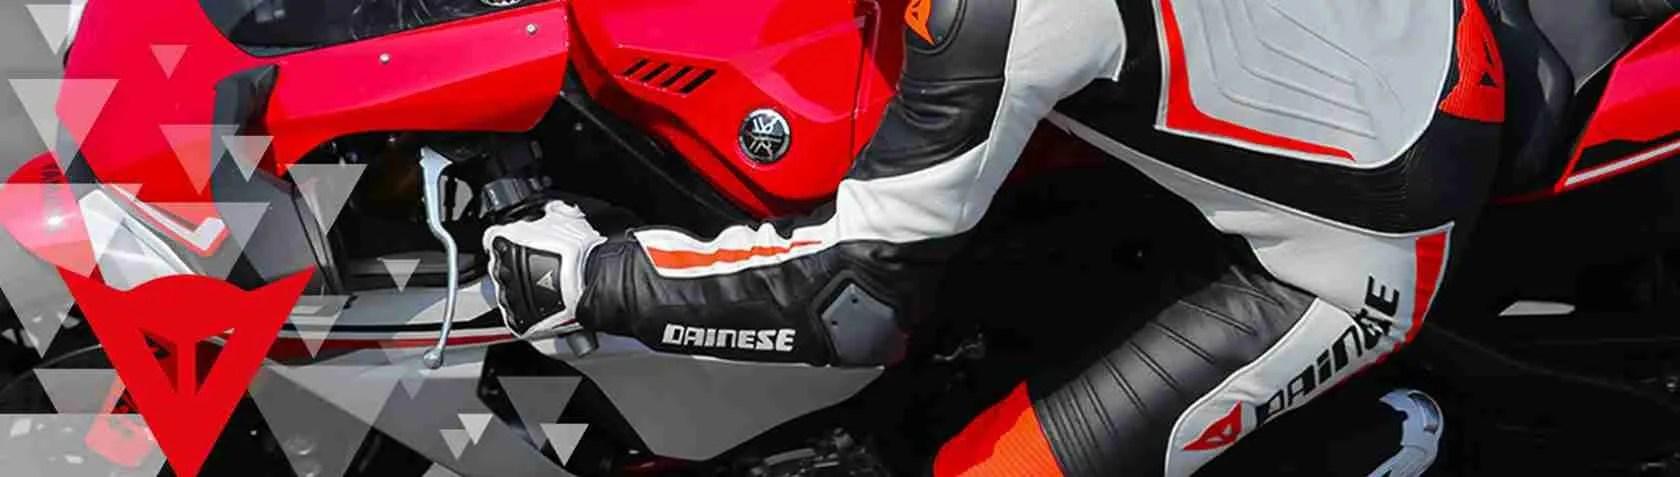 Le escort Vicenza adorano i motociclisti che indossano le tute in pelle della Dainese di Vicenza.